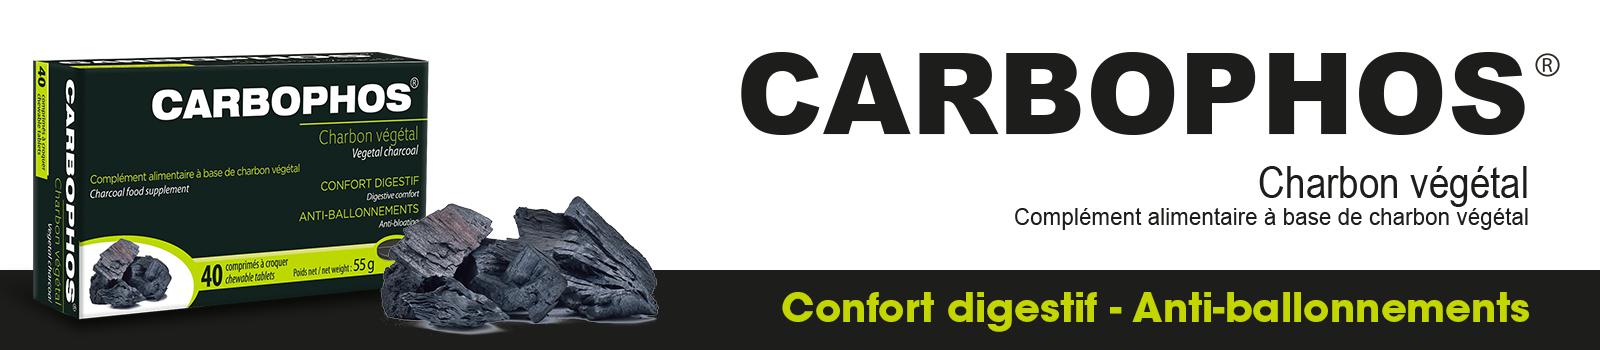 slide_carbophos